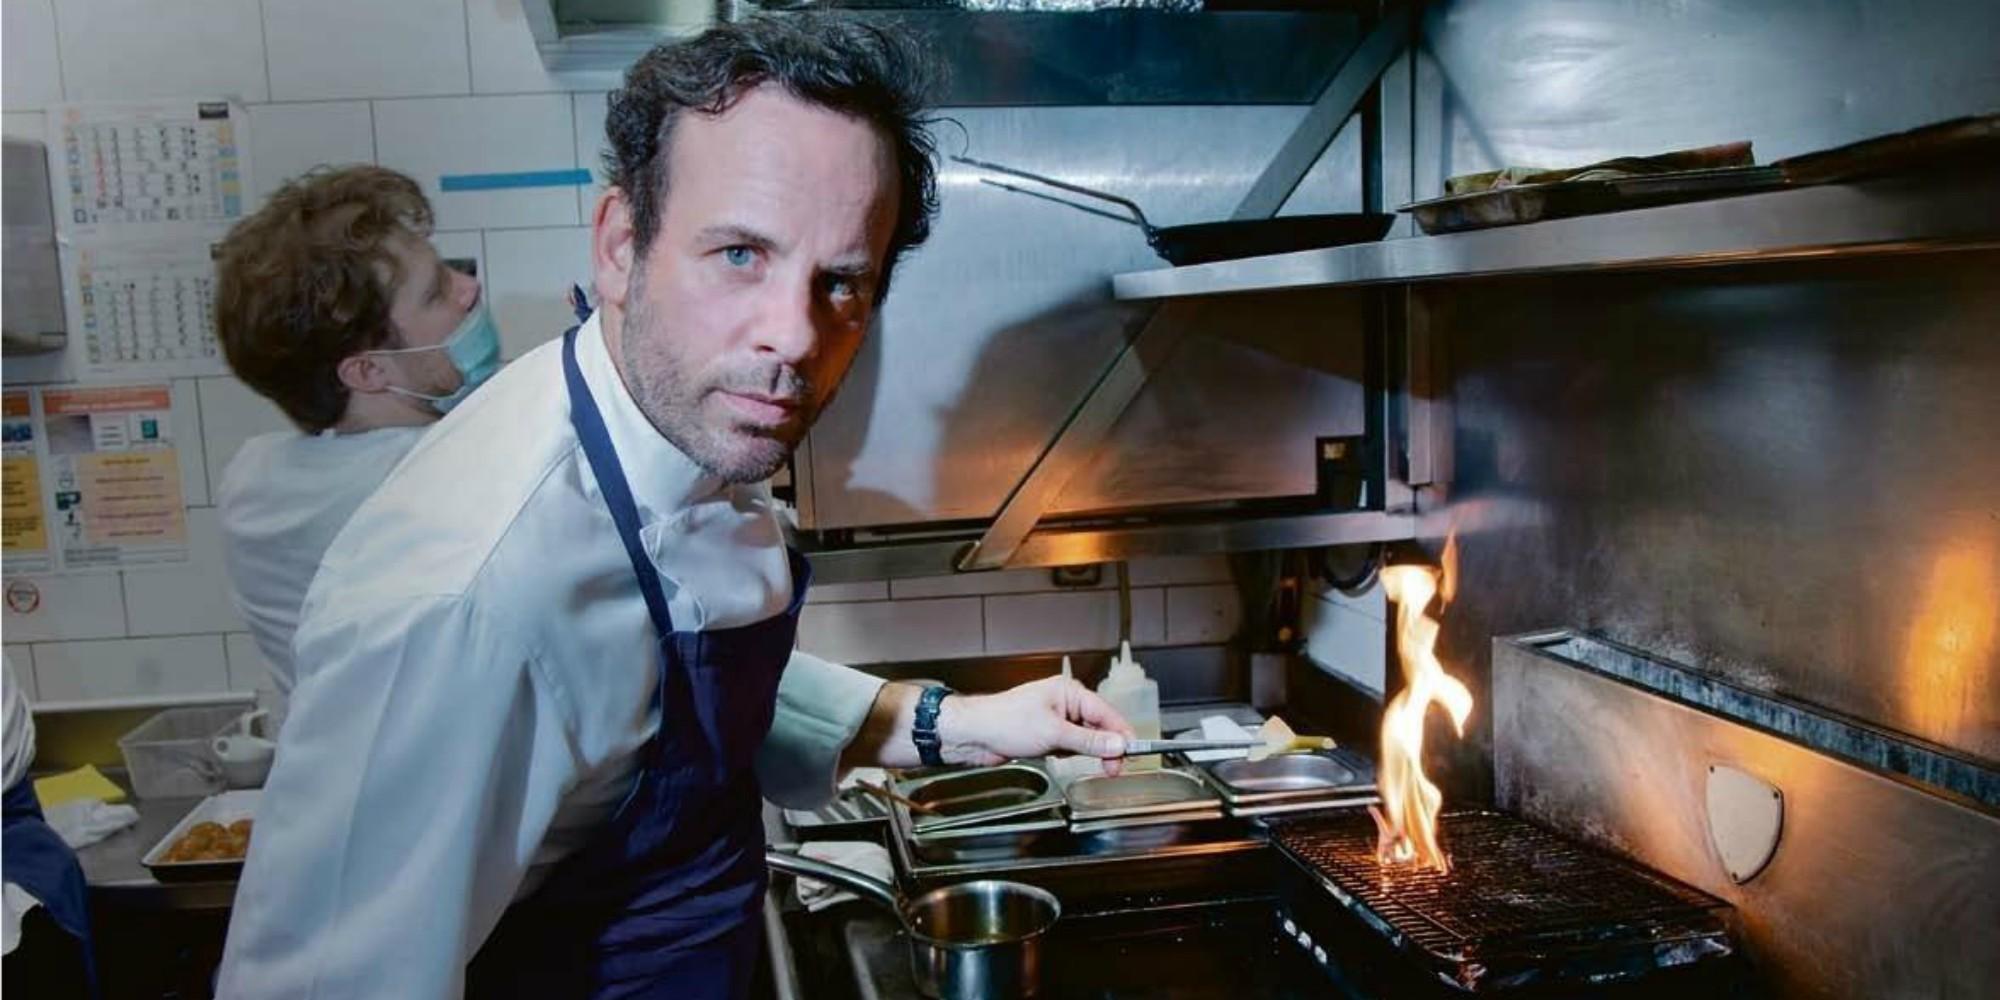 Comment les restaurateurs parisiens s'adaptent au couvre-feu